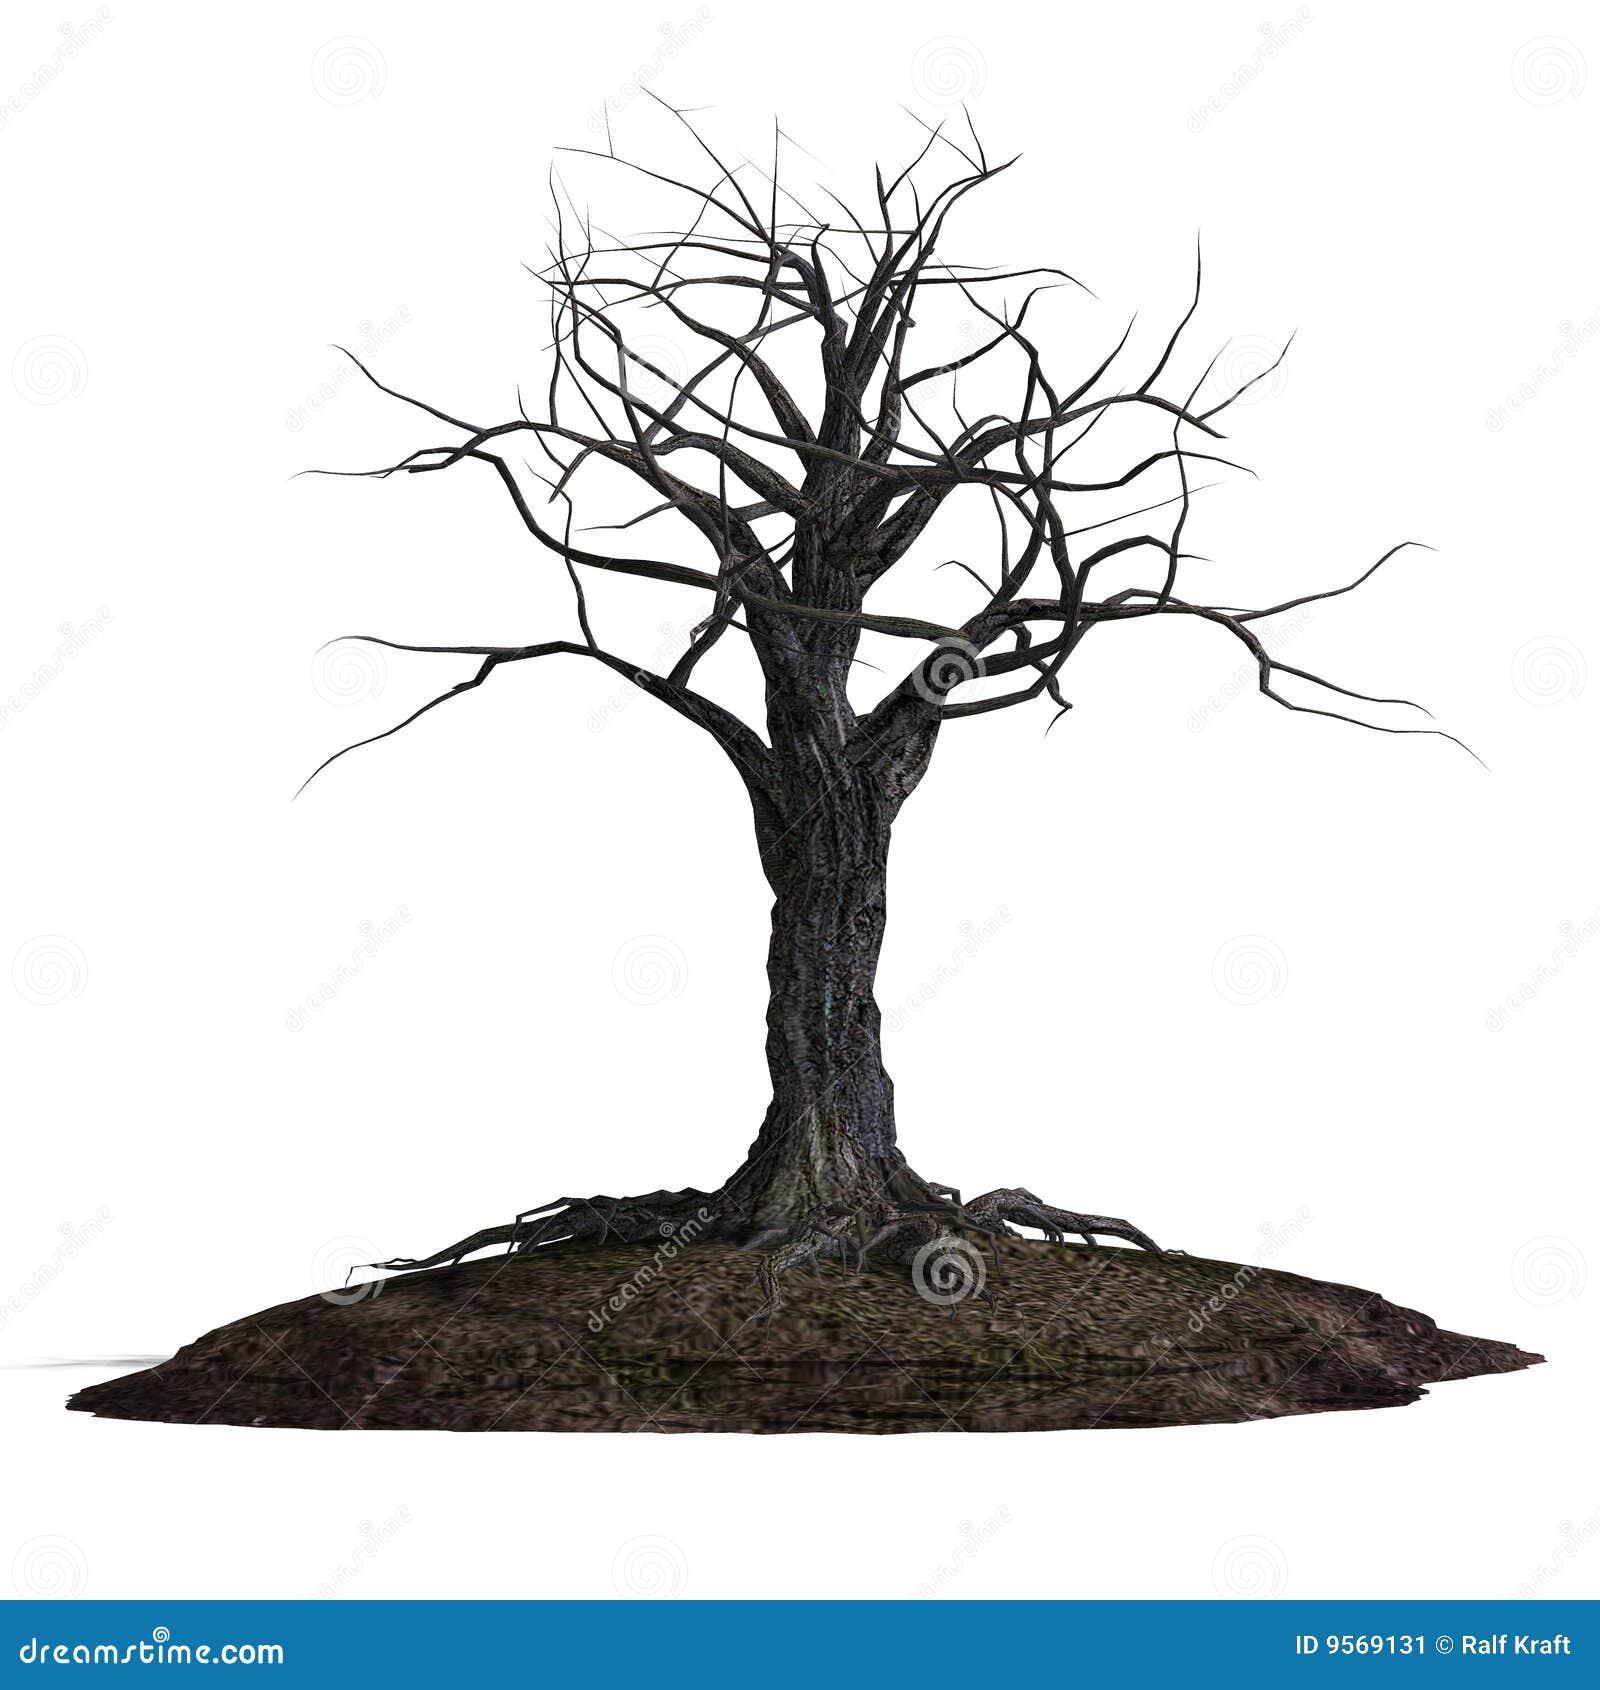 creepy tree stock illustration  illustration of knurl